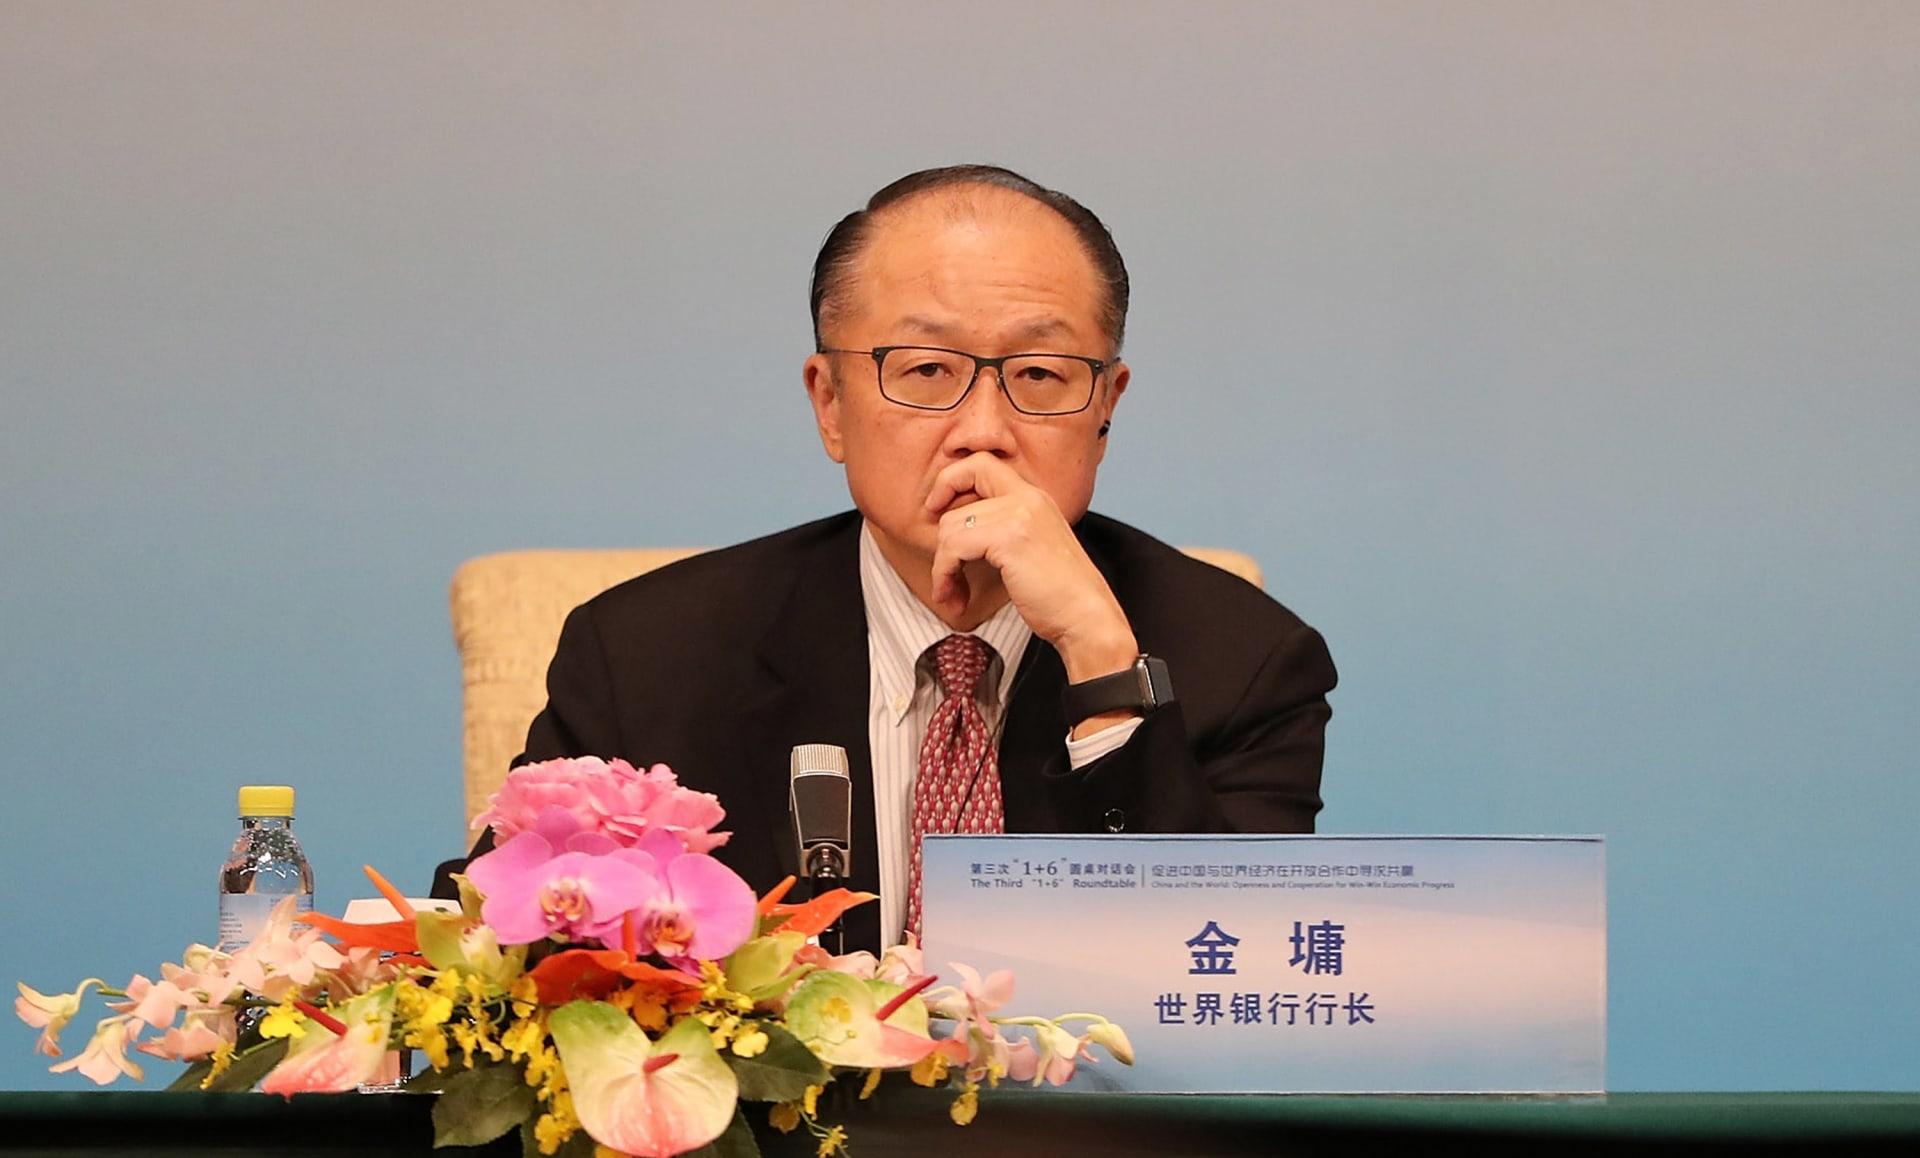 استقالة مفاجئة لرئيس البنك الدولي قبل 3 سنوات من نهاية ولايته